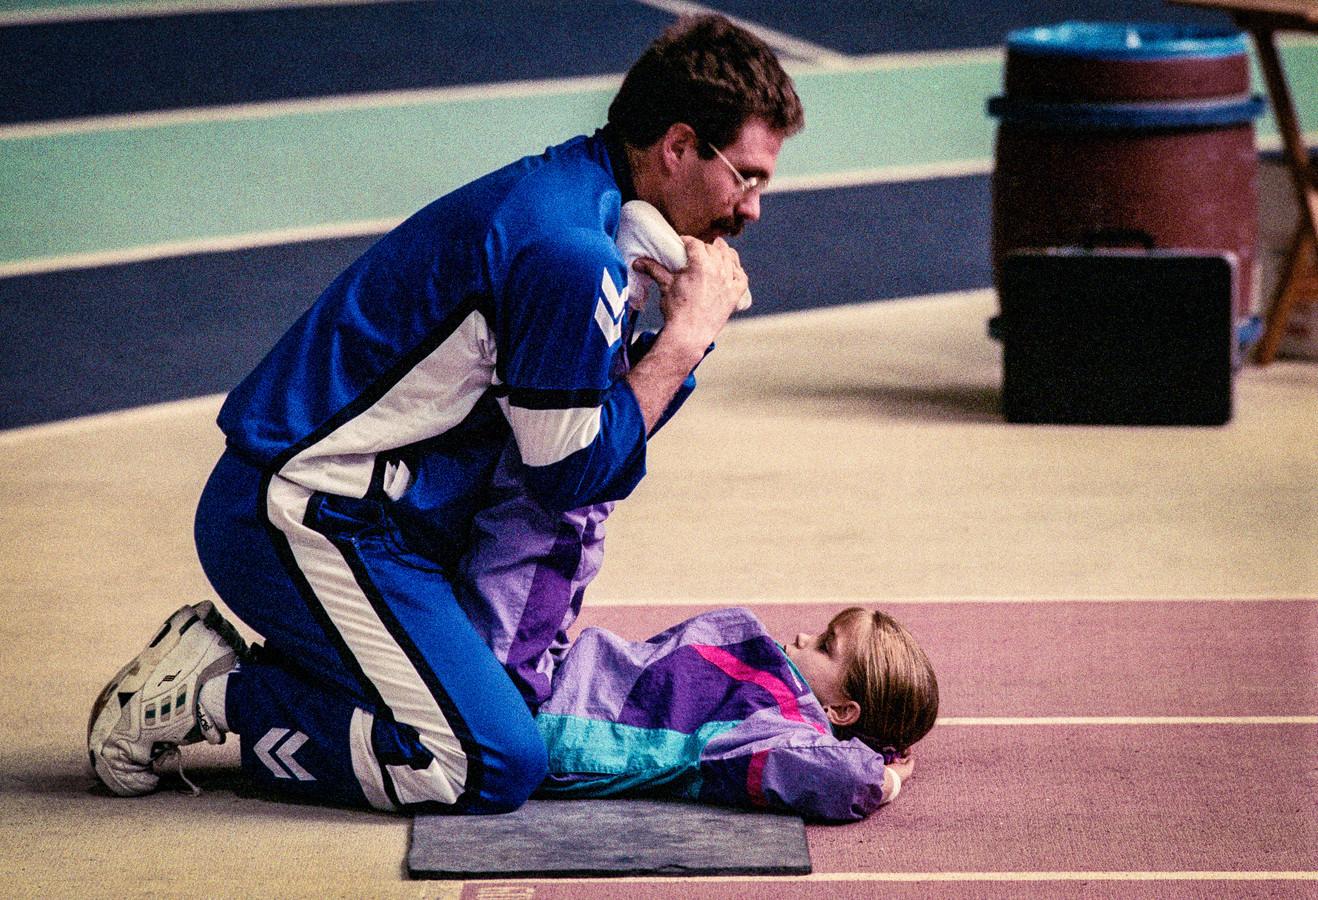 Turntalent Stasja Köhler en haar coach Gerrit Beltman in 1991. Köhler probeerde psychisch en lichamelijk misbruik in het turnen zeven jaar geleden al aan de kaak te stellen door een boek te schrijven. Er veranderde niets, zag ze. ,,Maar wat er nu gebeurt is positief.''